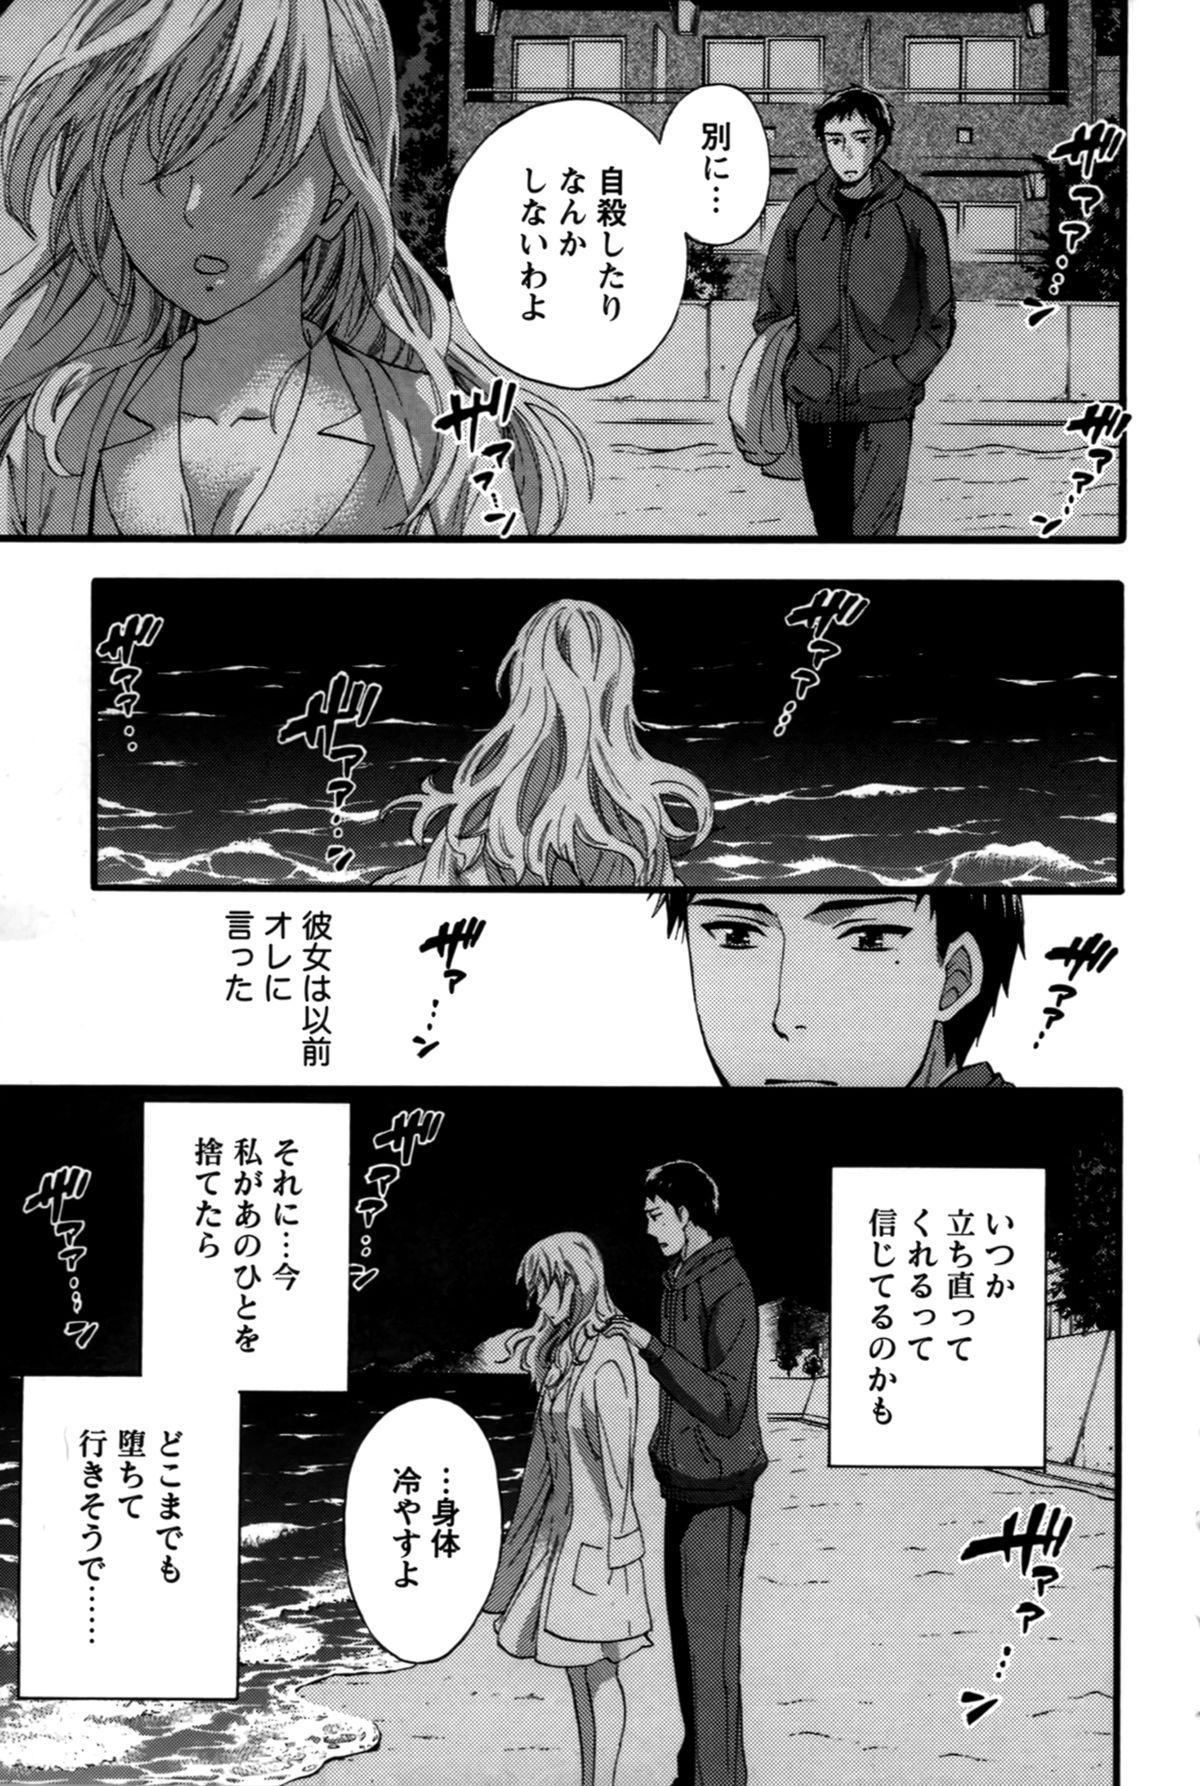 Anata to Watashi wa Warukunai 177